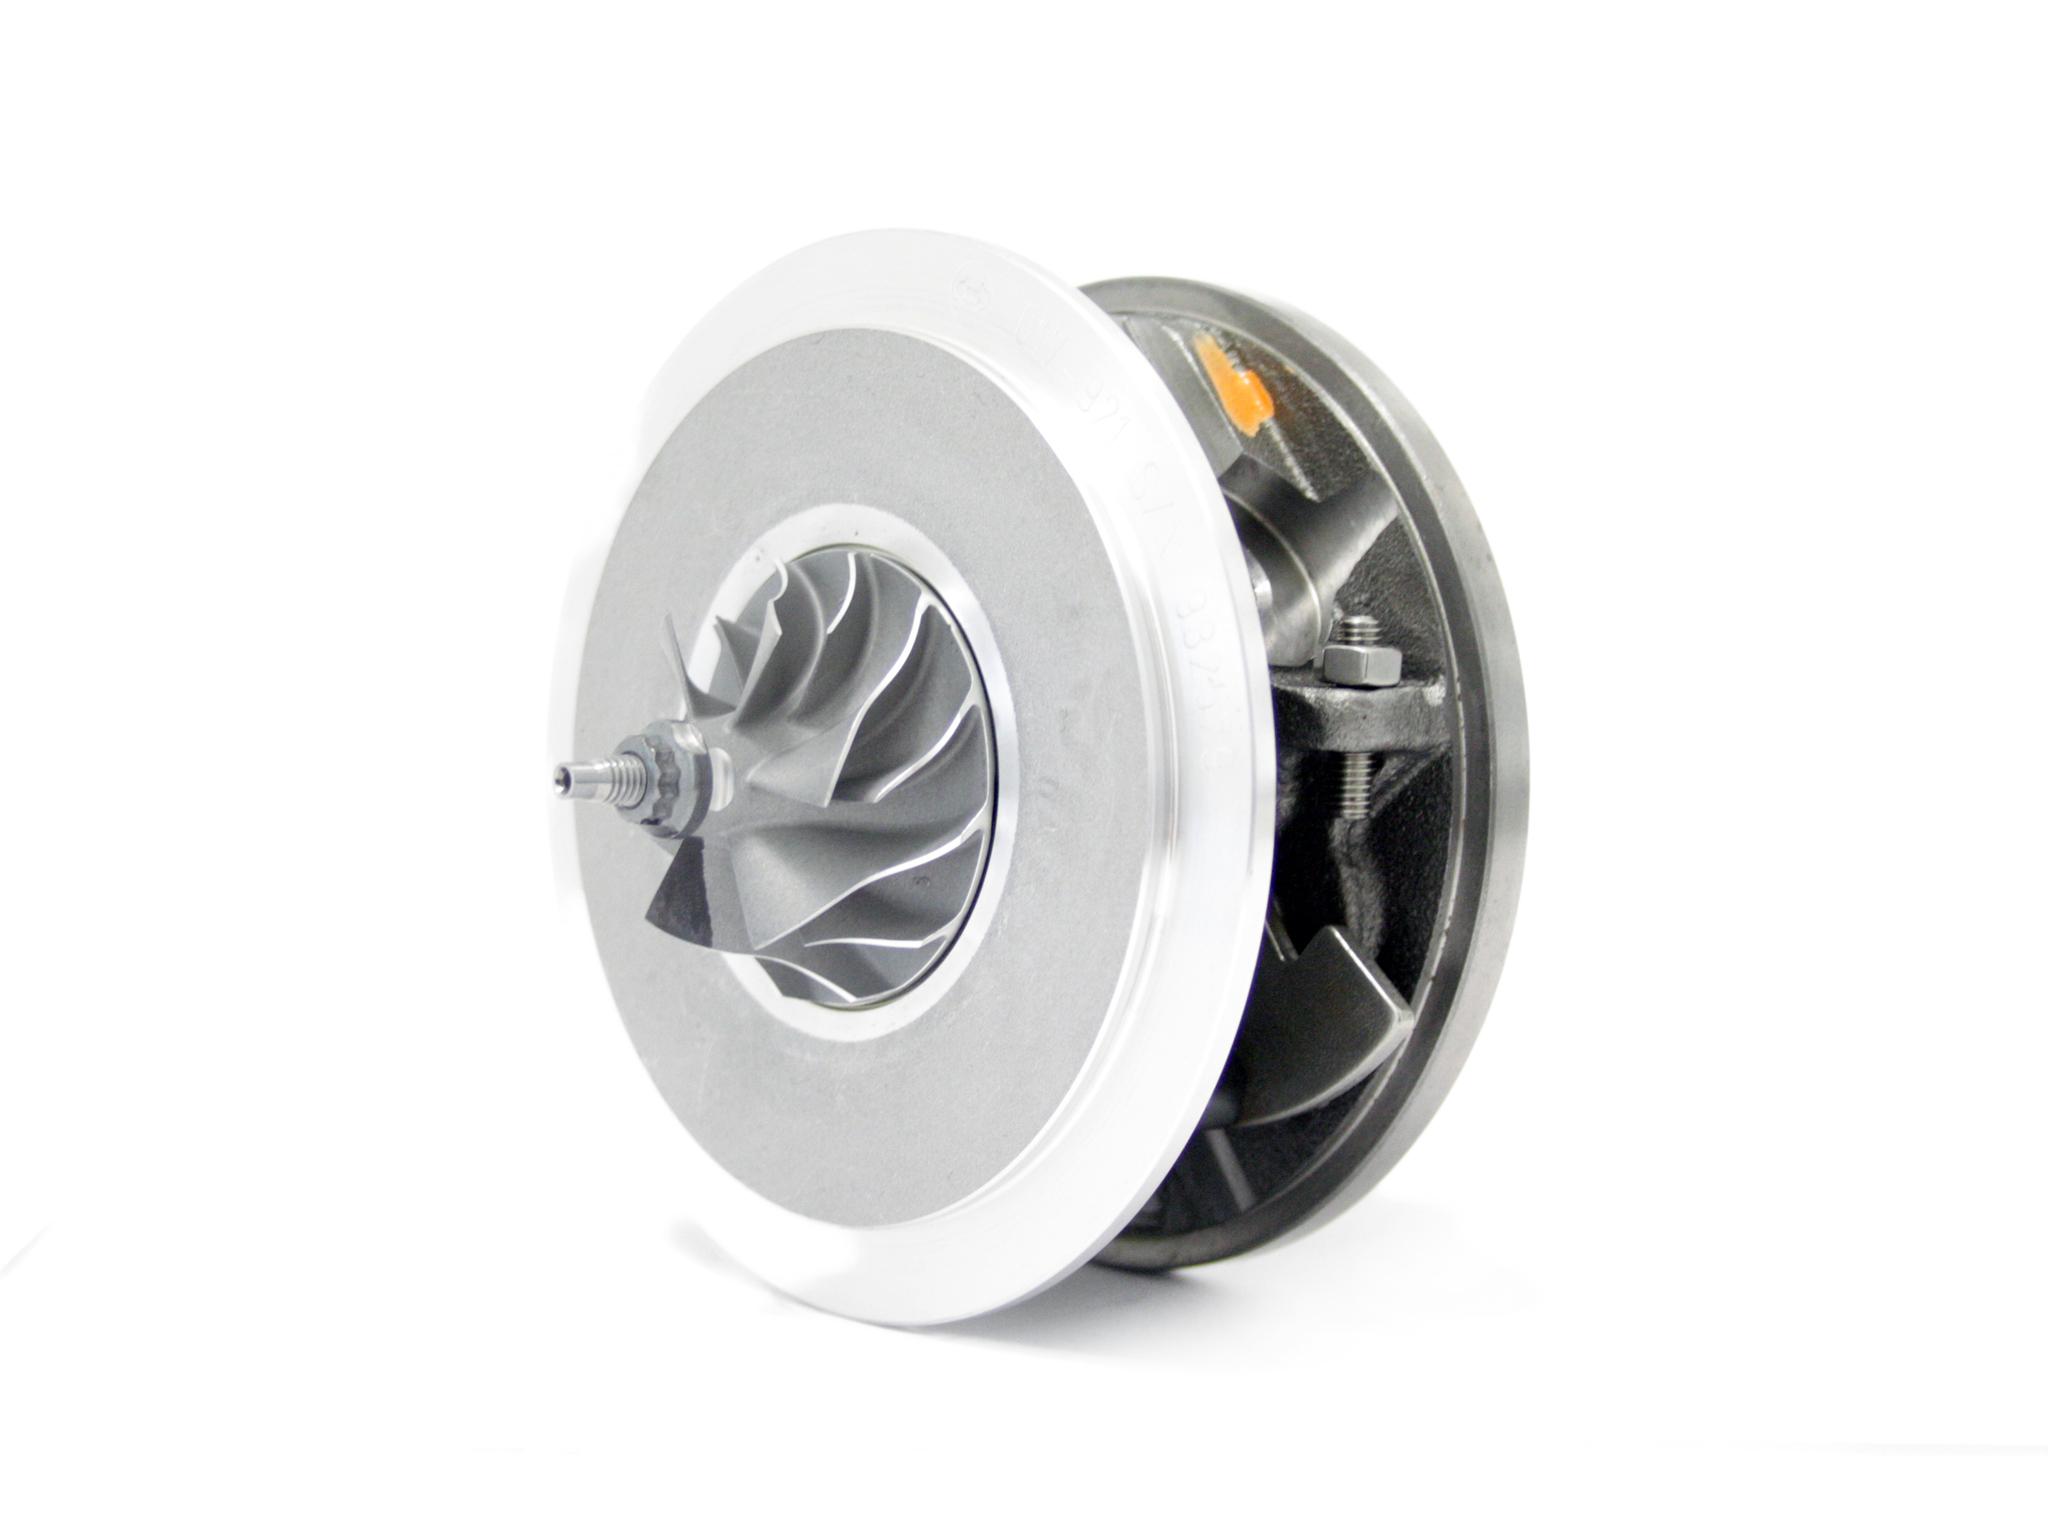 Картридж турбины GTA1746 Сузуки Гранд Витара 1.9 DDIS 130 л.с.